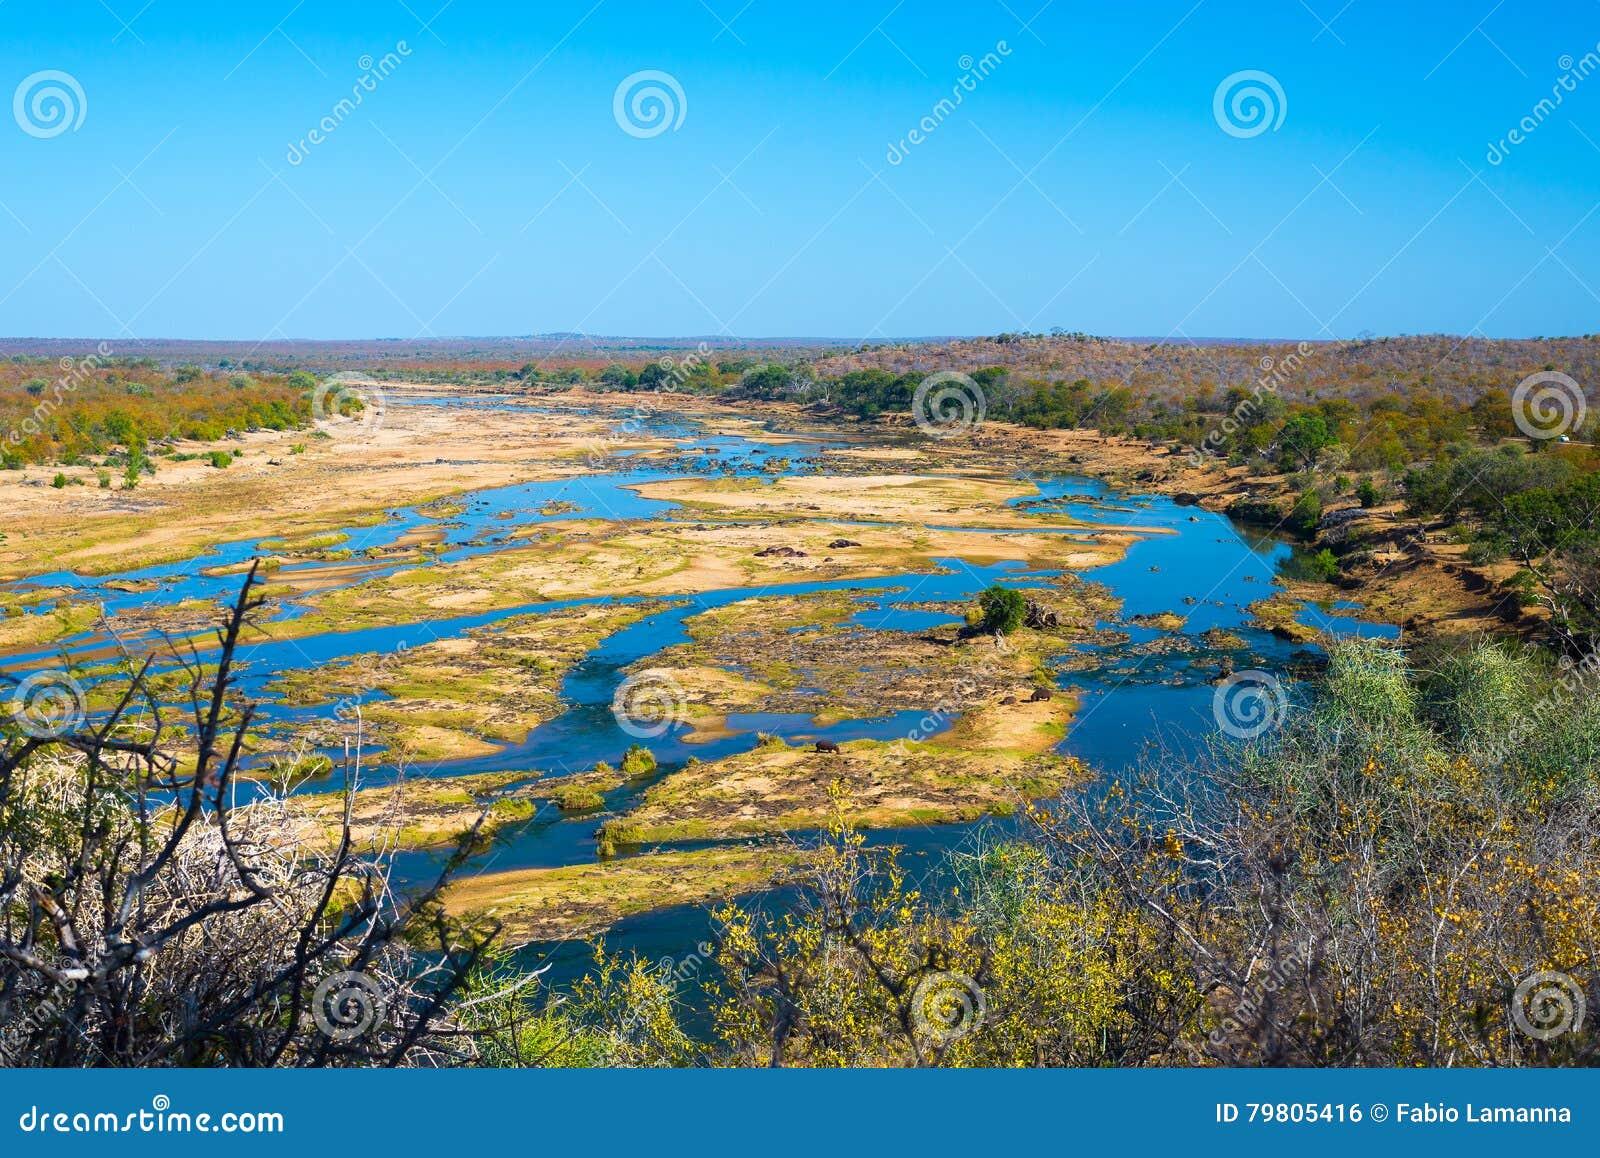 Φυσικού και ζωηρόχρωμου τοπίο ποταμών Olifants, με την άγρια φύση στο εθνικό πάρκο Kruger, διάσημος προορισμός ταξιδιού στη Νότια